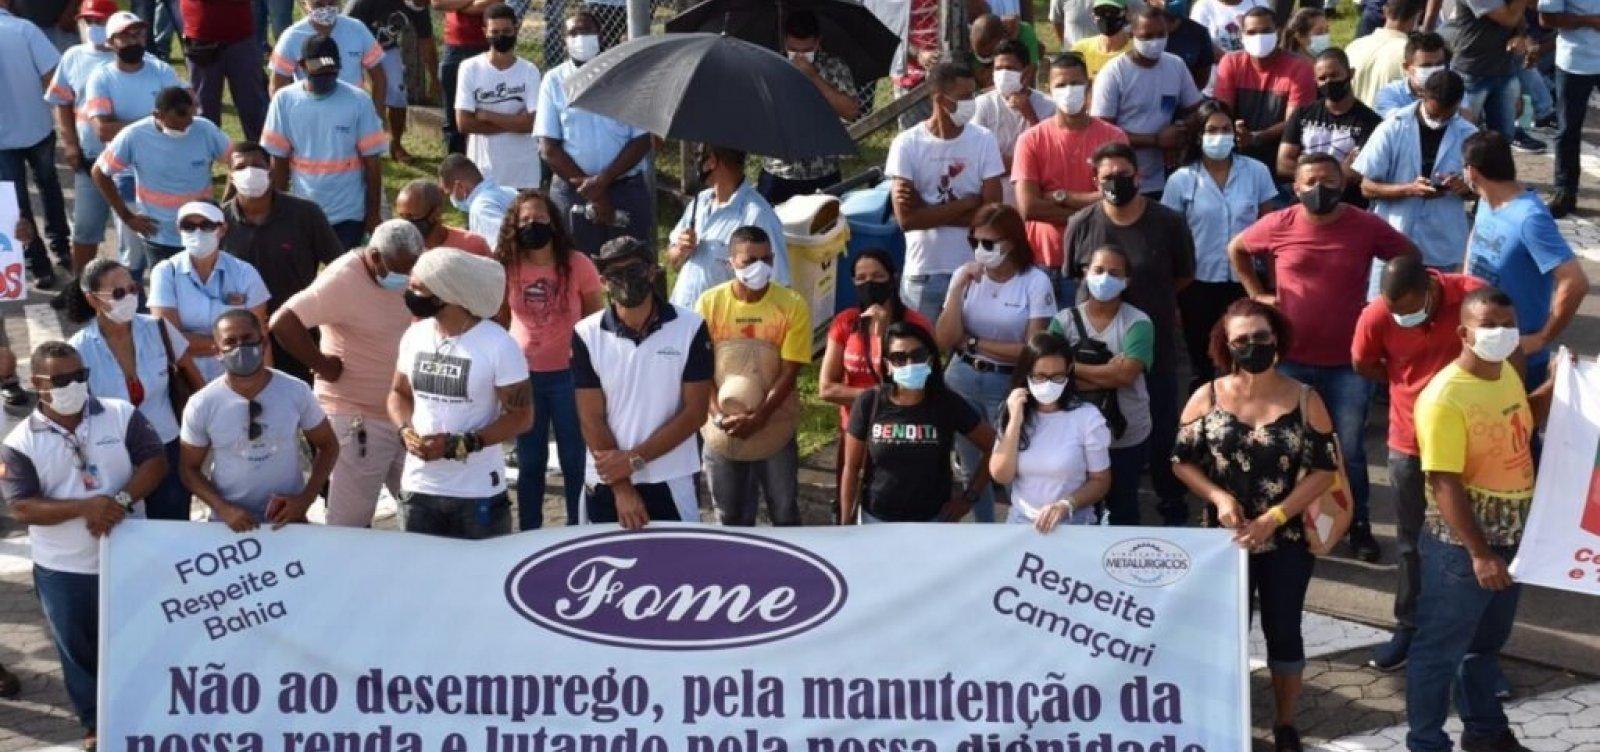 Sindicato dos Metalúrgicos de Camaçari estende negociação com a Ford por mais 90 dias